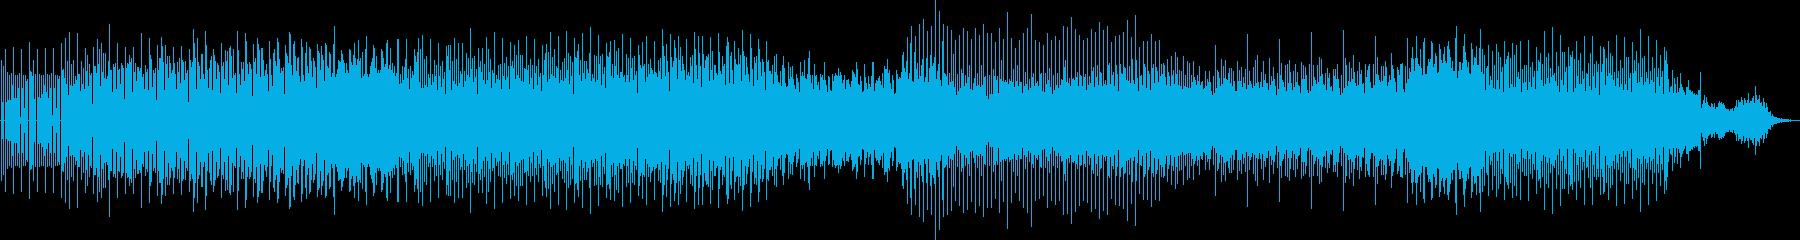 劇伴 陽気なミニマルアシッドテクノの再生済みの波形